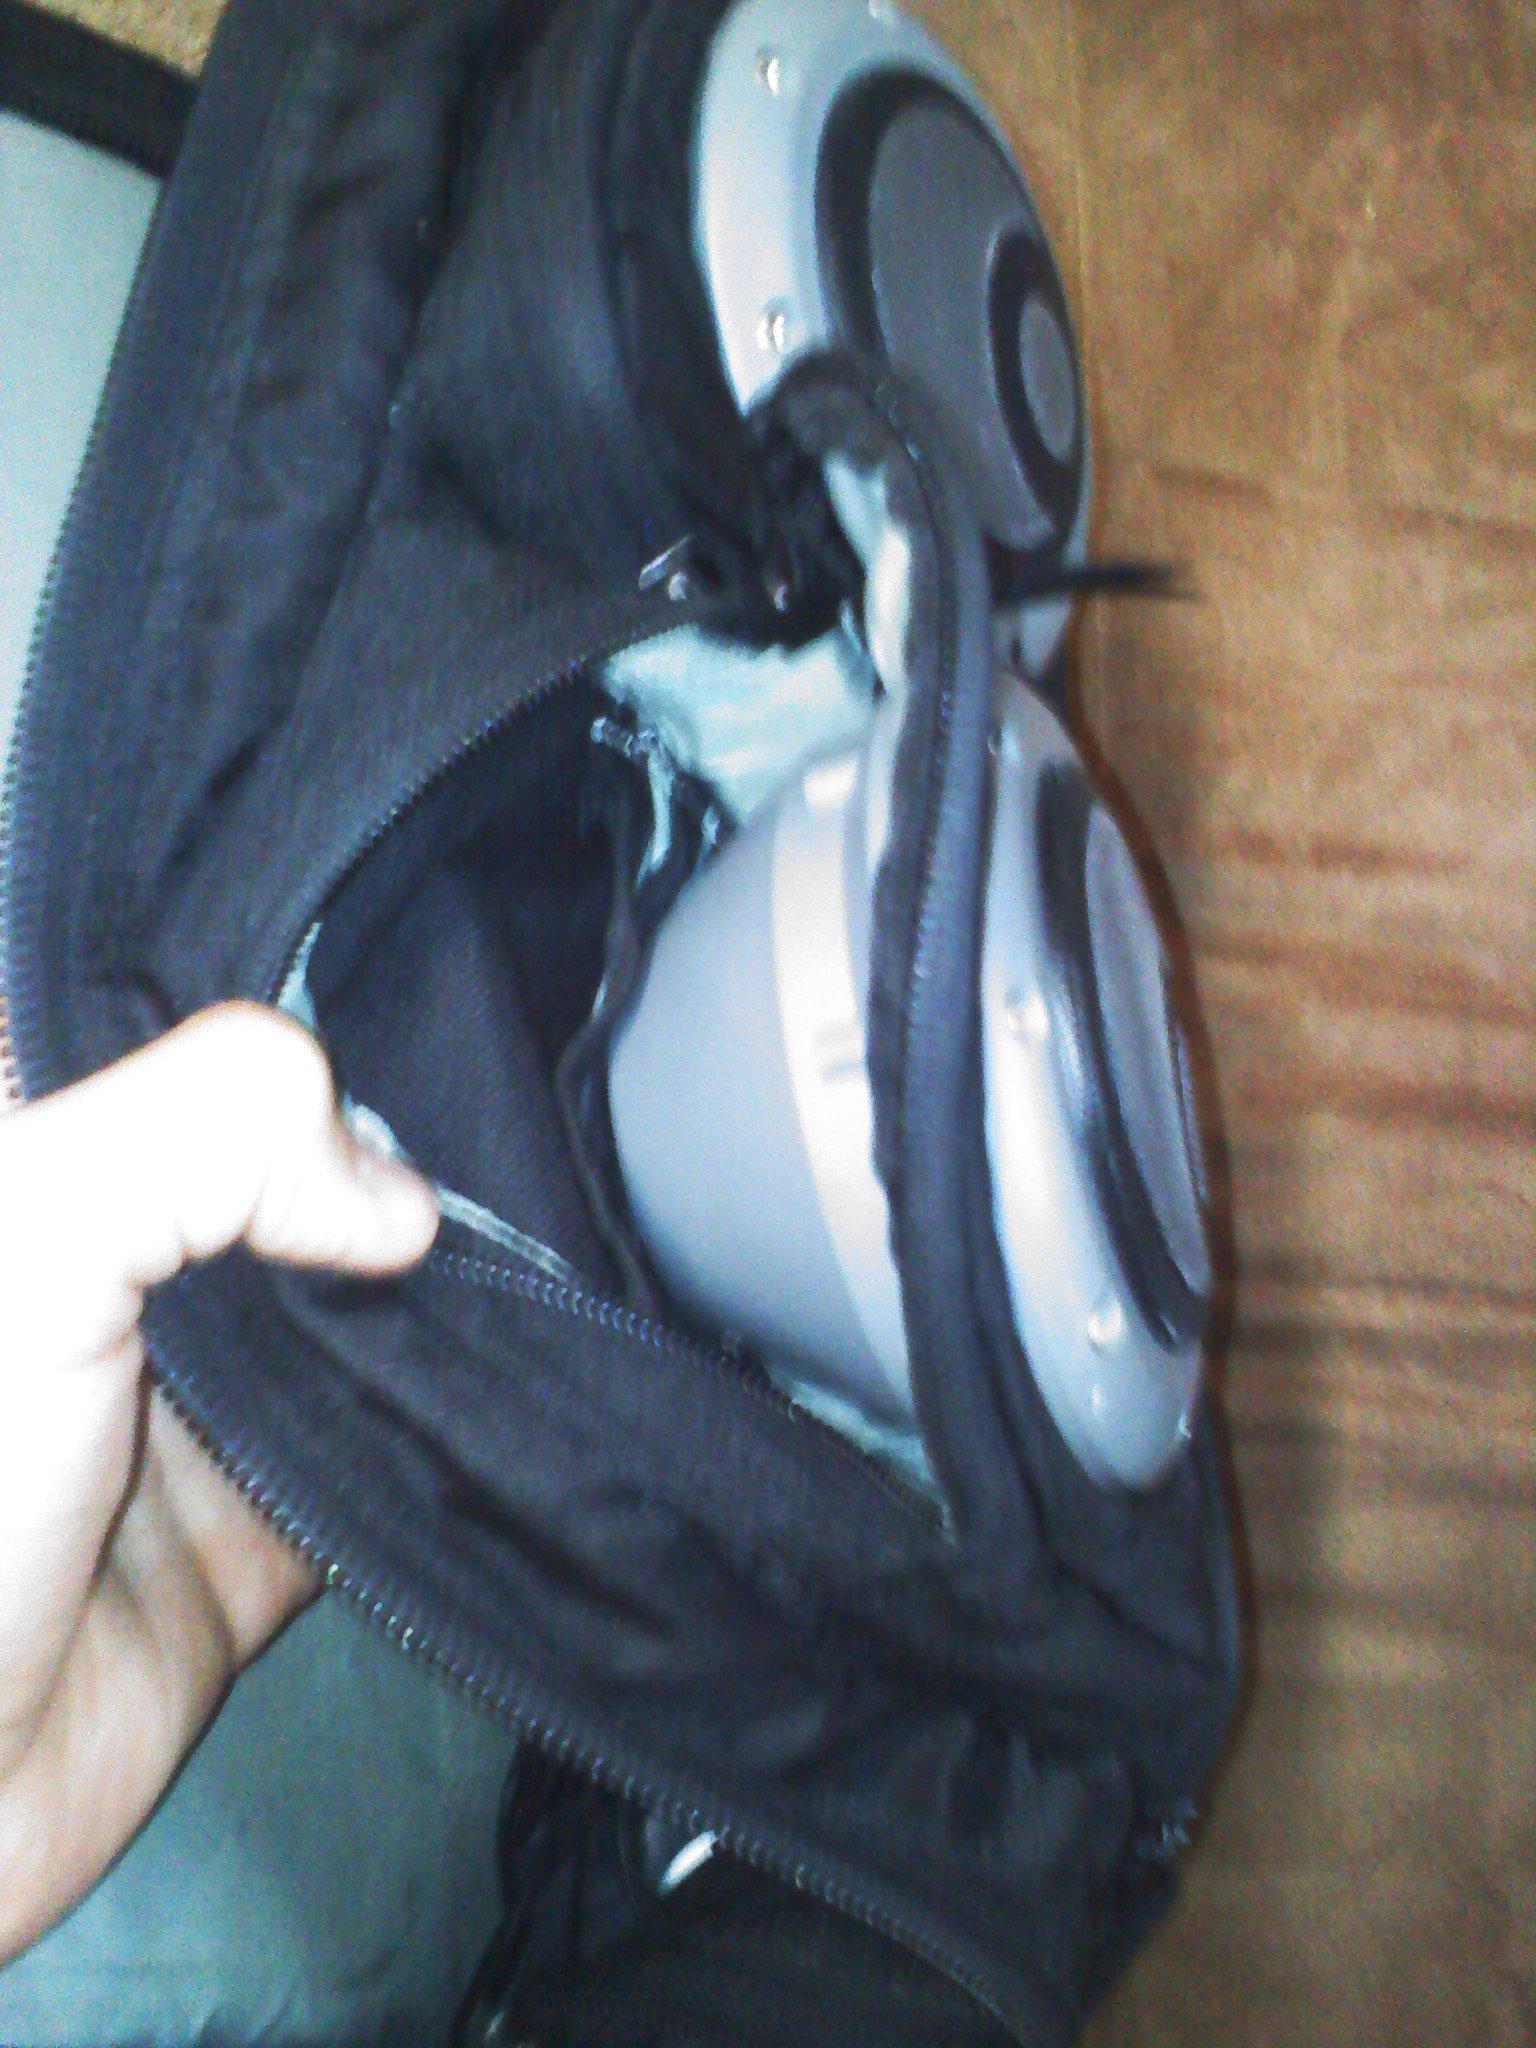 Speaker back pack